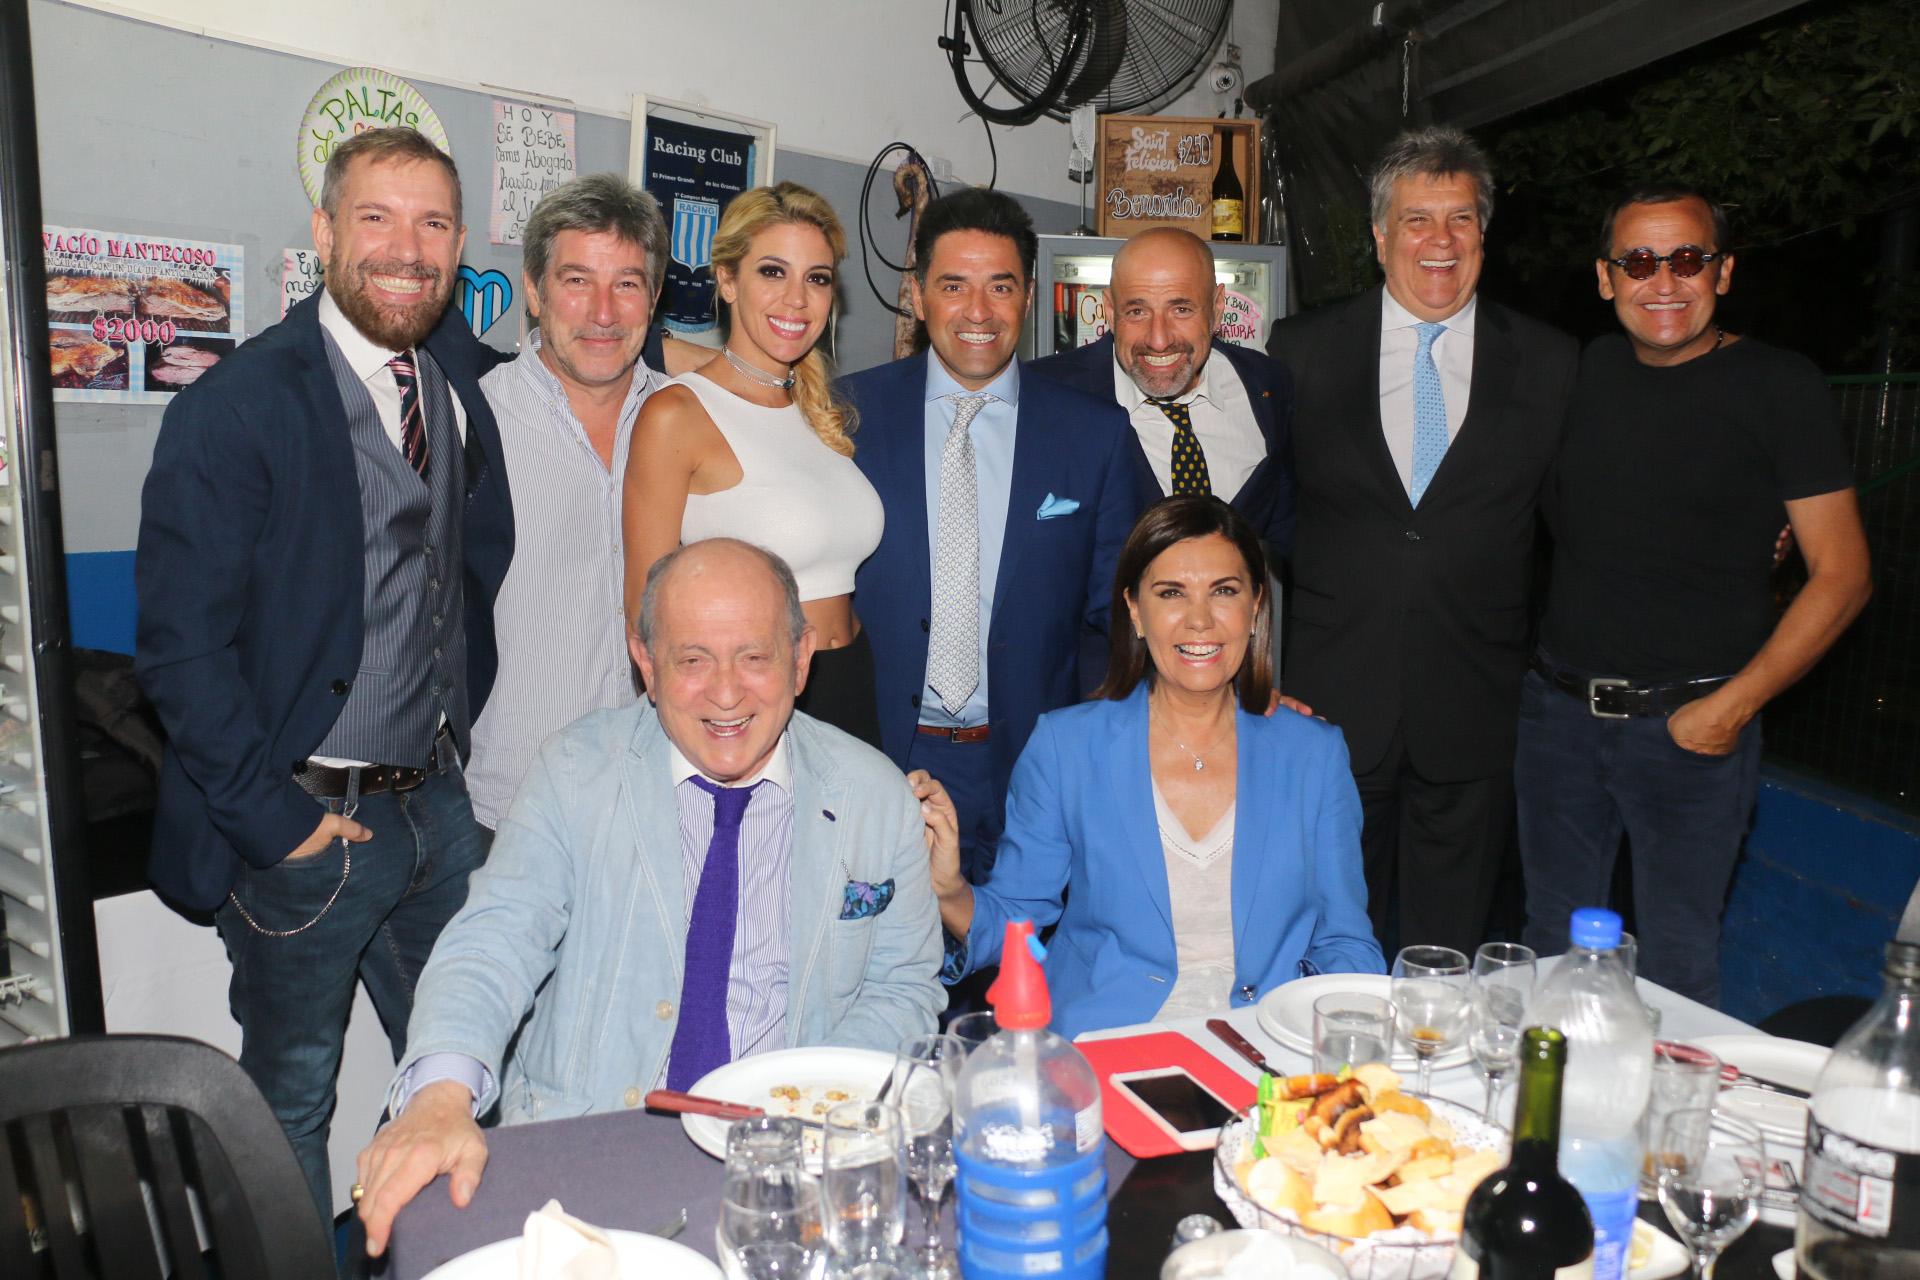 El elenco completo (Crédito de Fotos: Verónica Guerman/Teleshow)